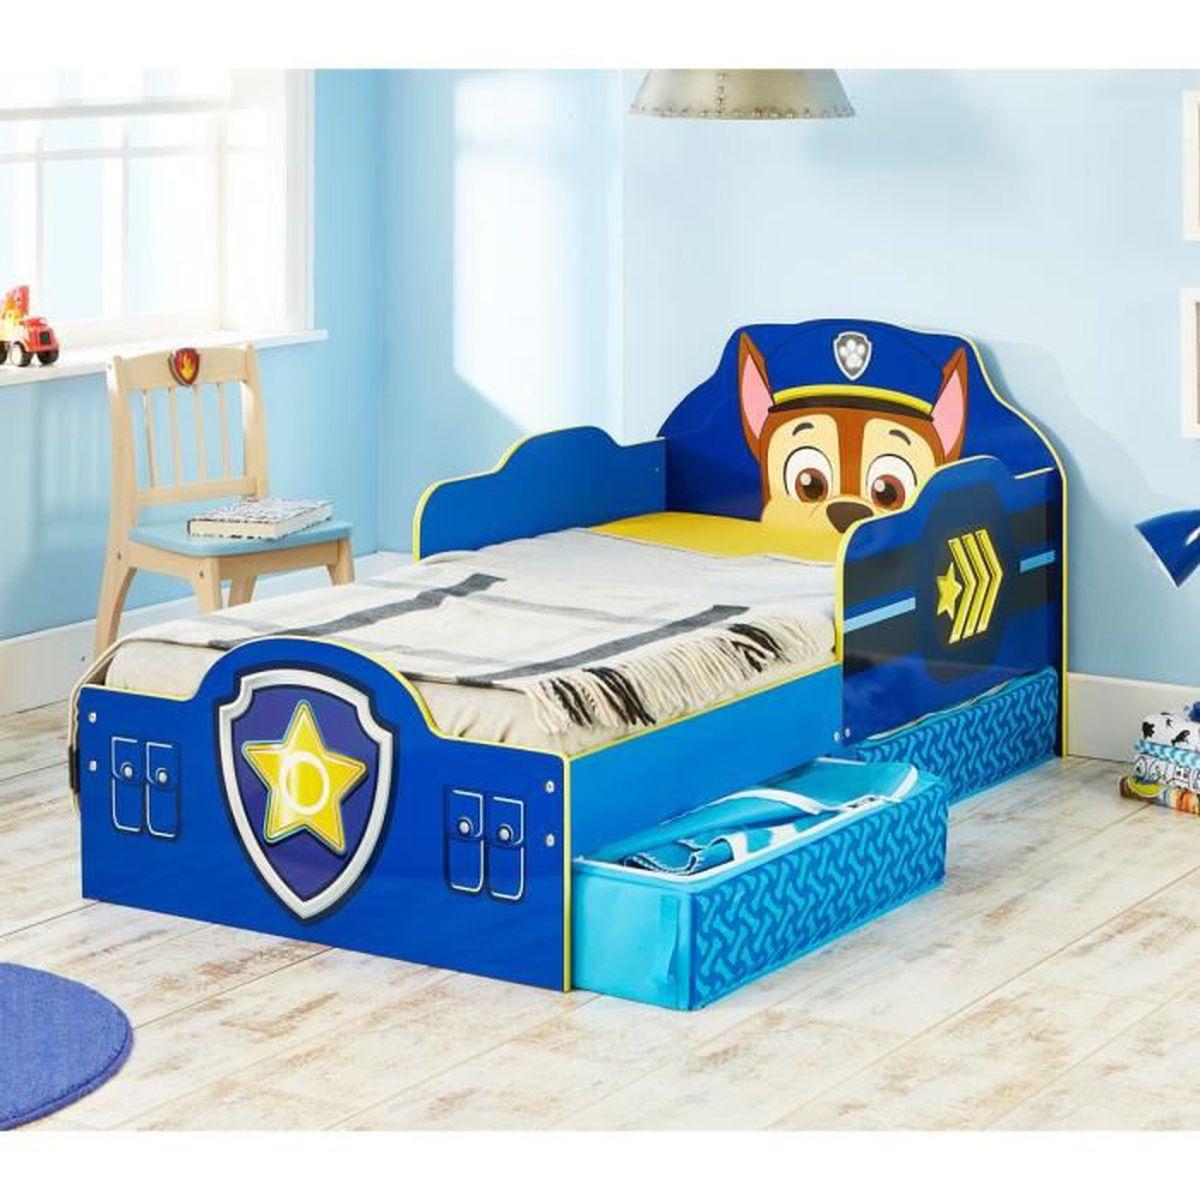 Lit enfant pat patrouille design avec tiroirs 70x140 for Lit 70x140 age